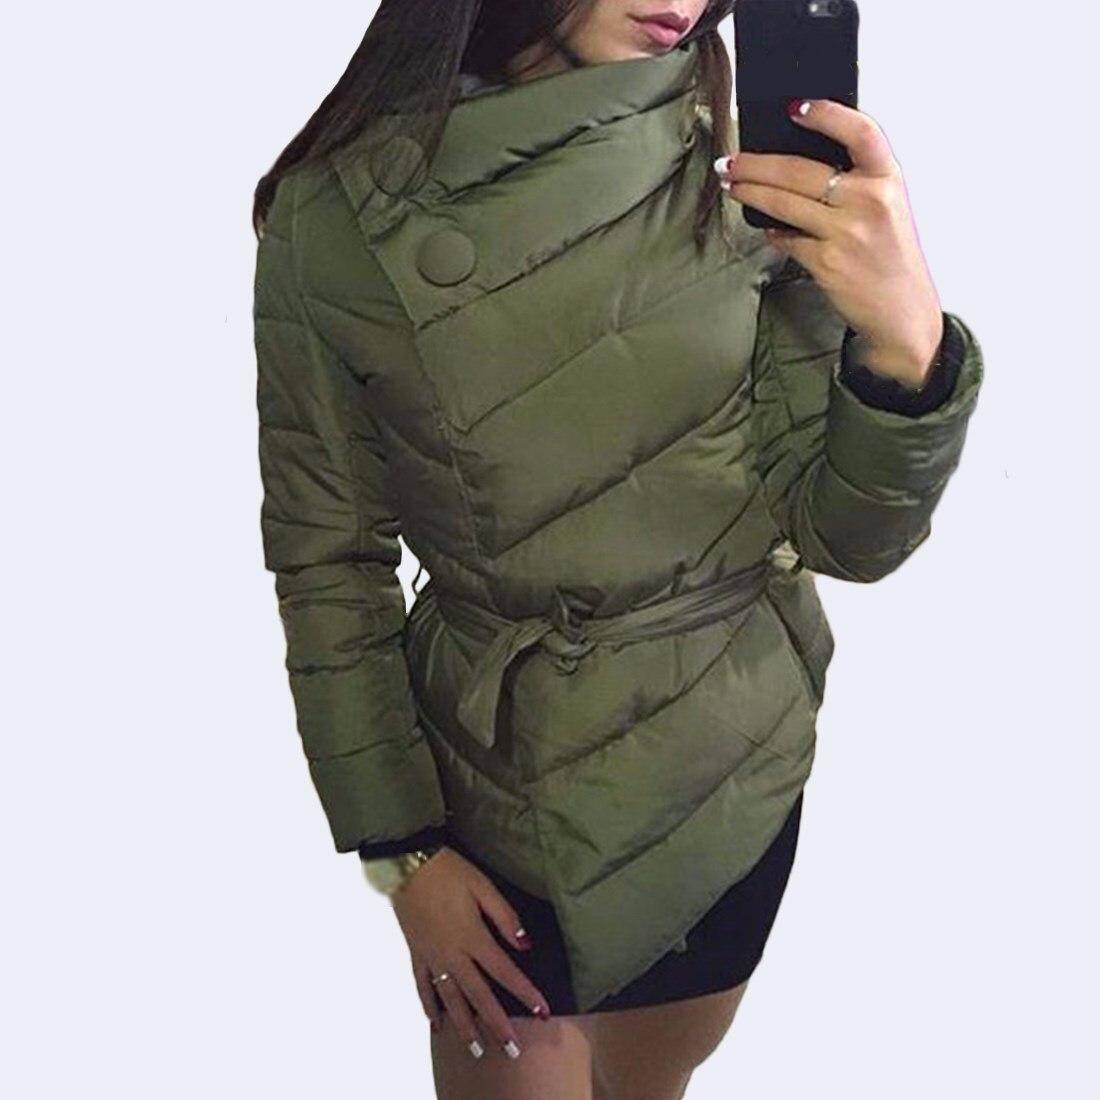 Winter Women Casual Jacket Sashes Female Solid High Neck   Parka   Bandage Warm Coat Overcoat